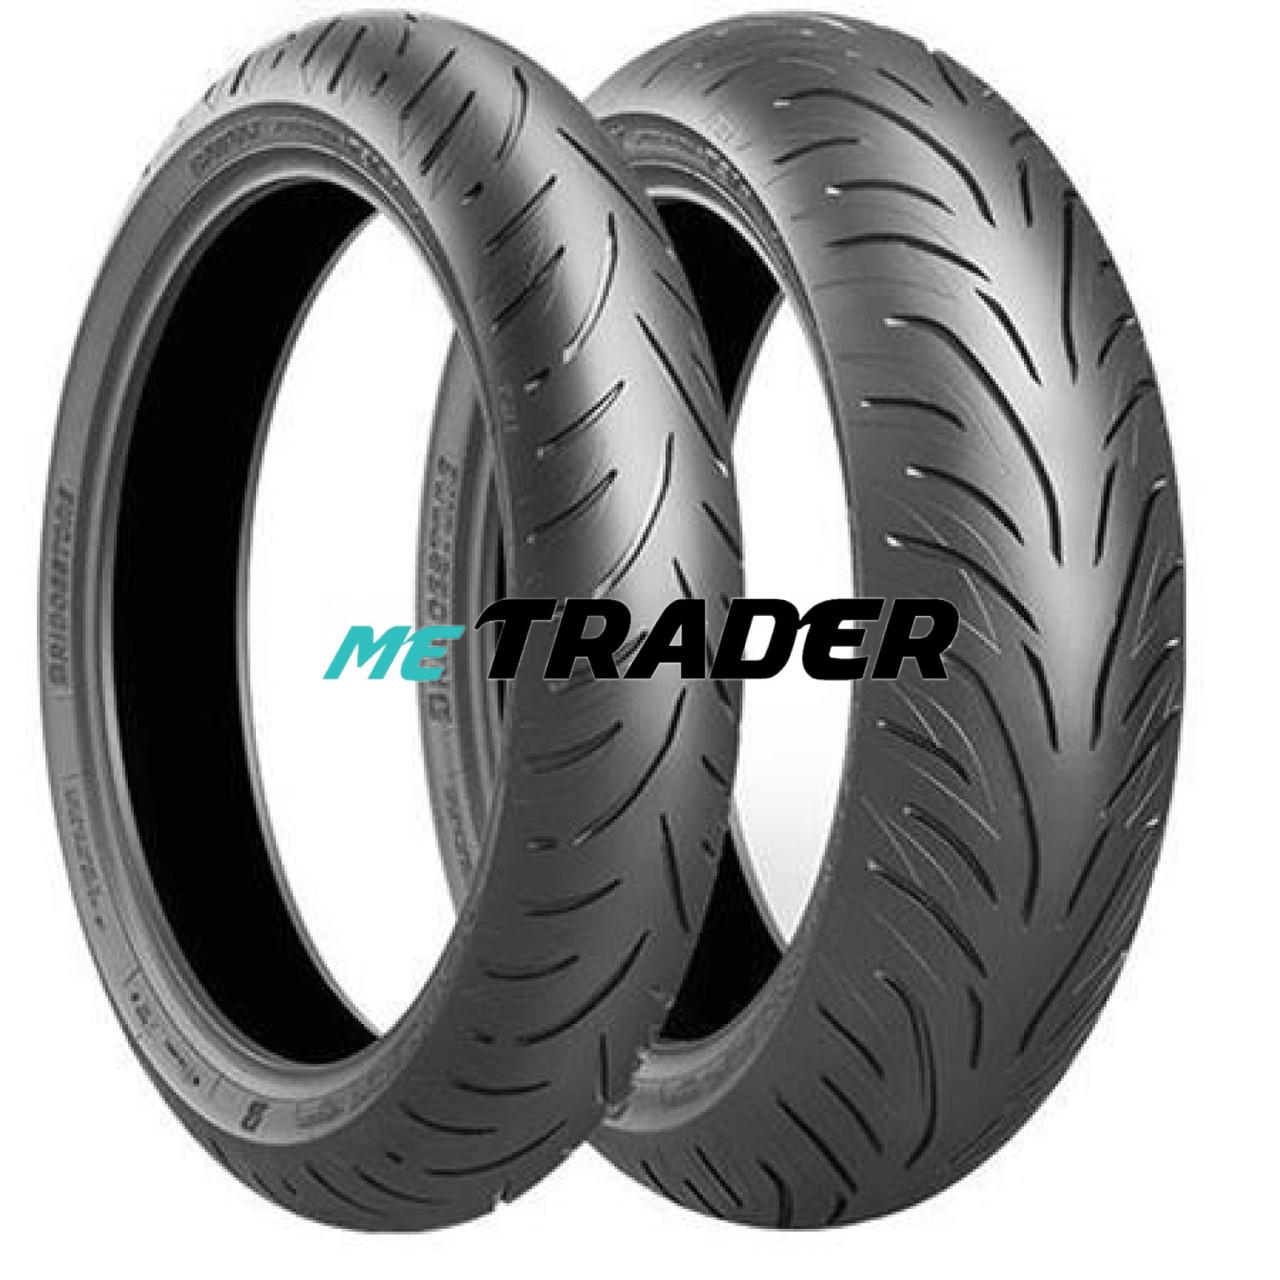 Bridgestone Battlax T31 GT 120/70 R17 58W F TL